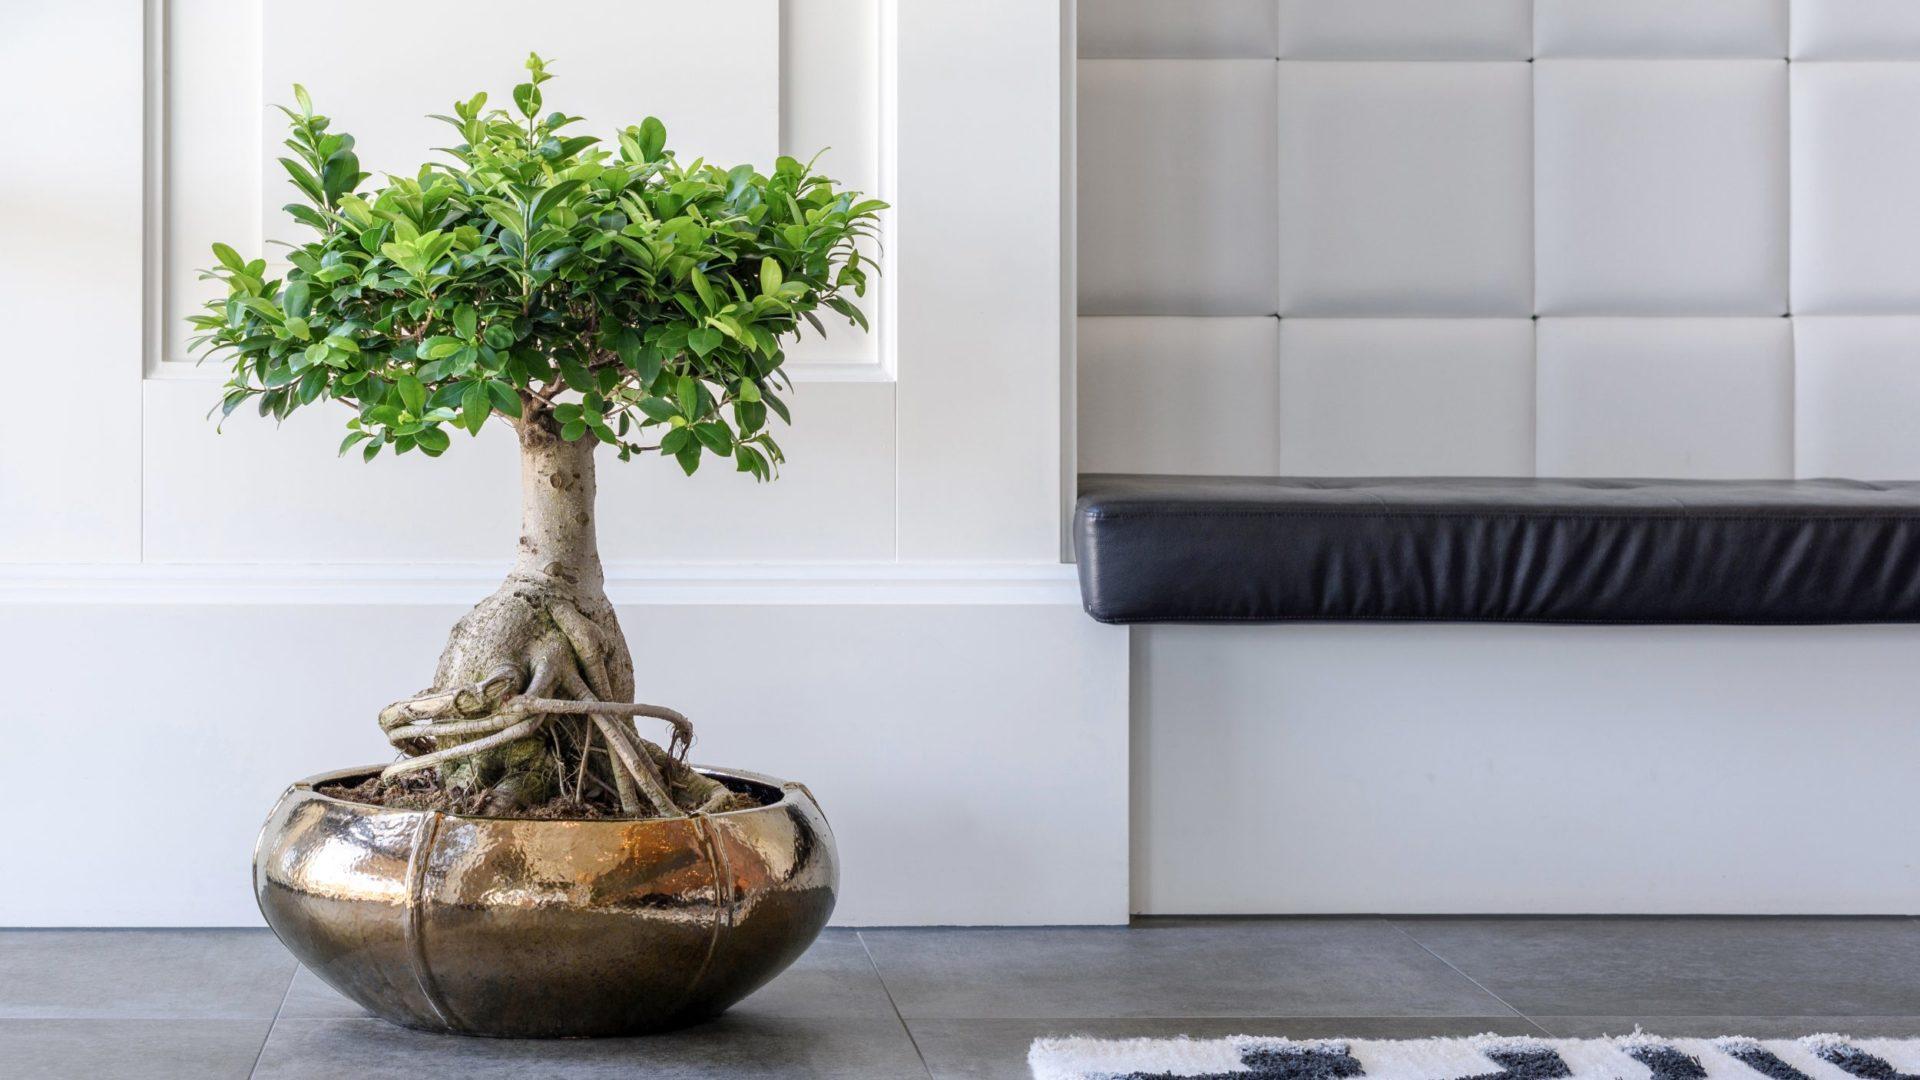 Tischgefäß mit Ficus, Haas Innengrün